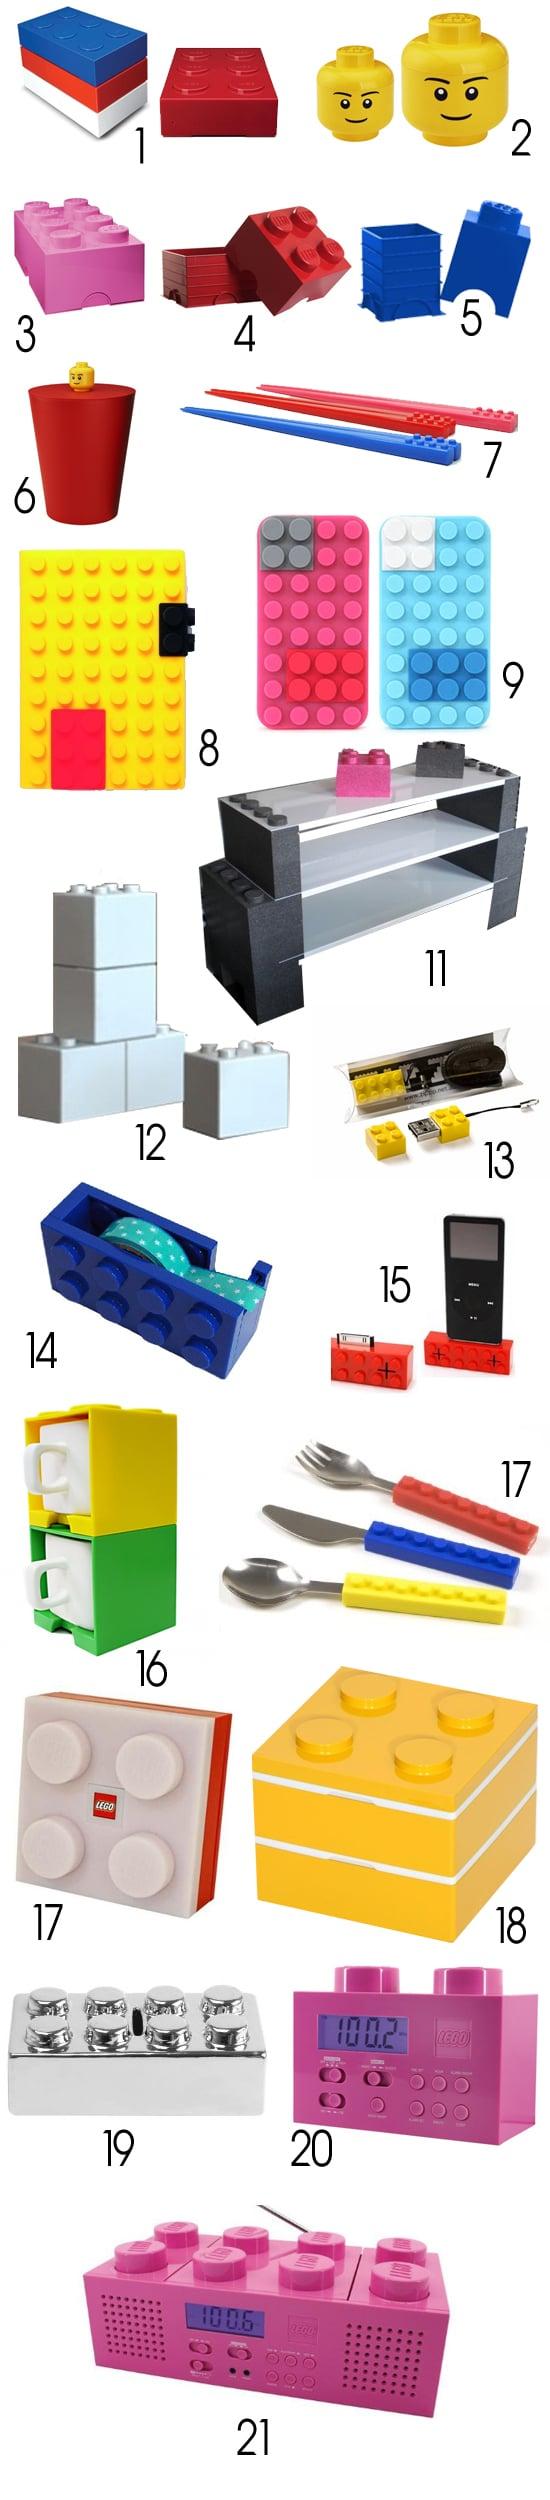 Déco Lego 21 petits produits Lego supplémentaires